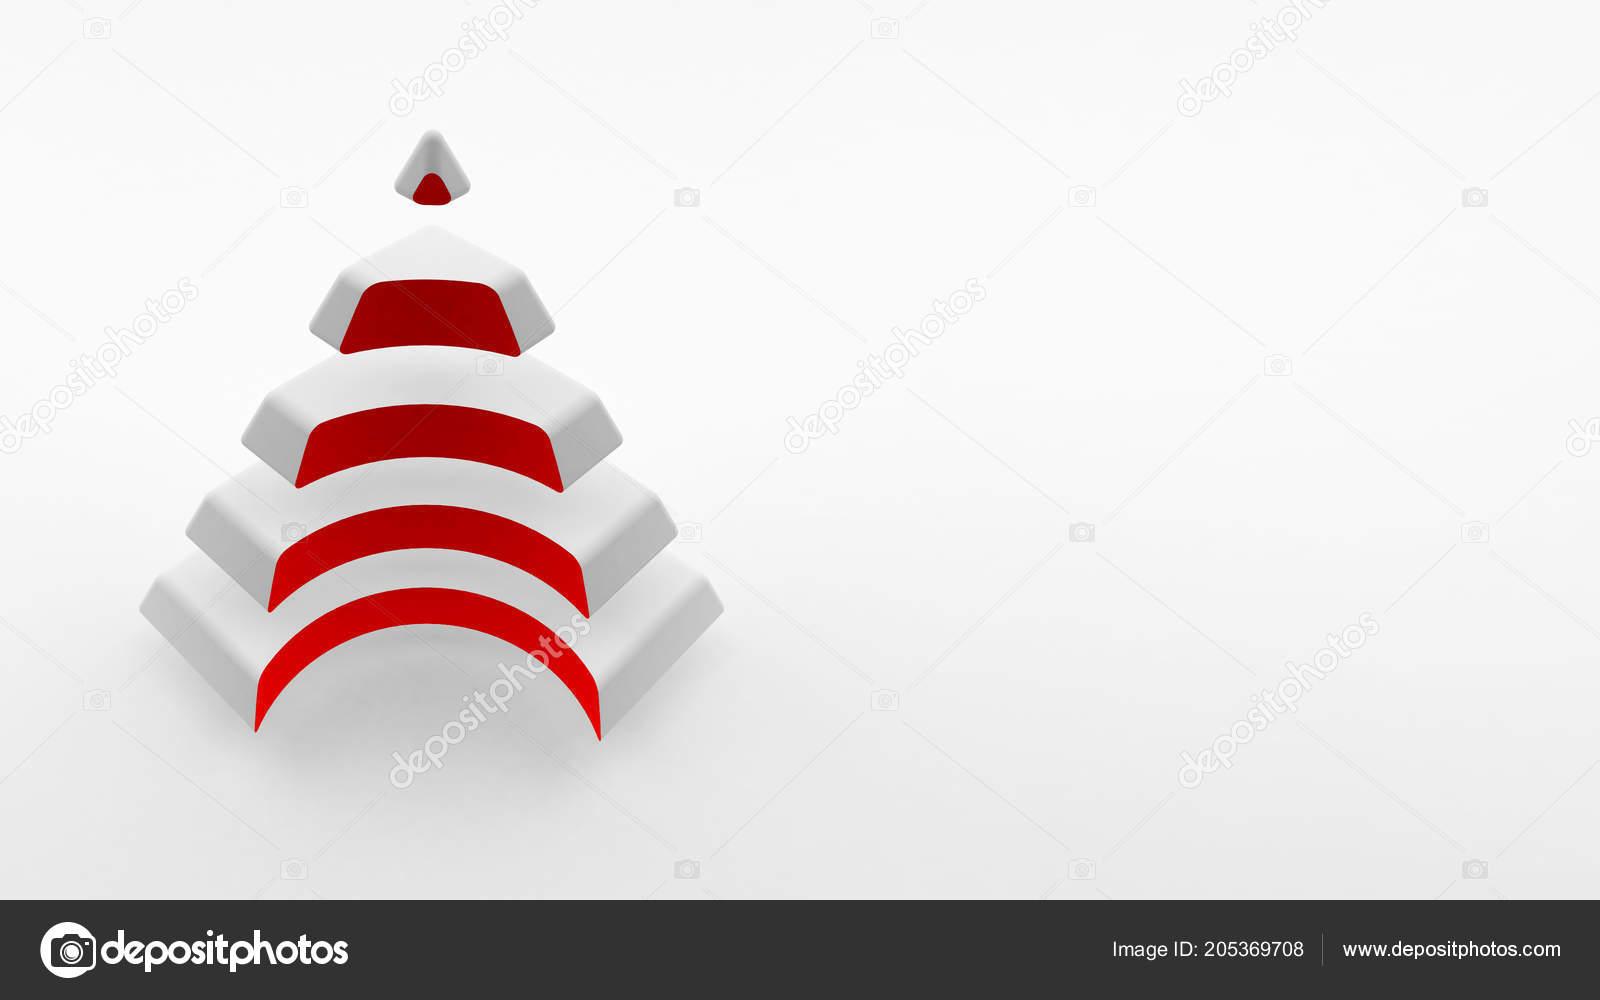 Immagini Logo Con Piramide Logo Sfondo Bianco Una Piramide Bianca